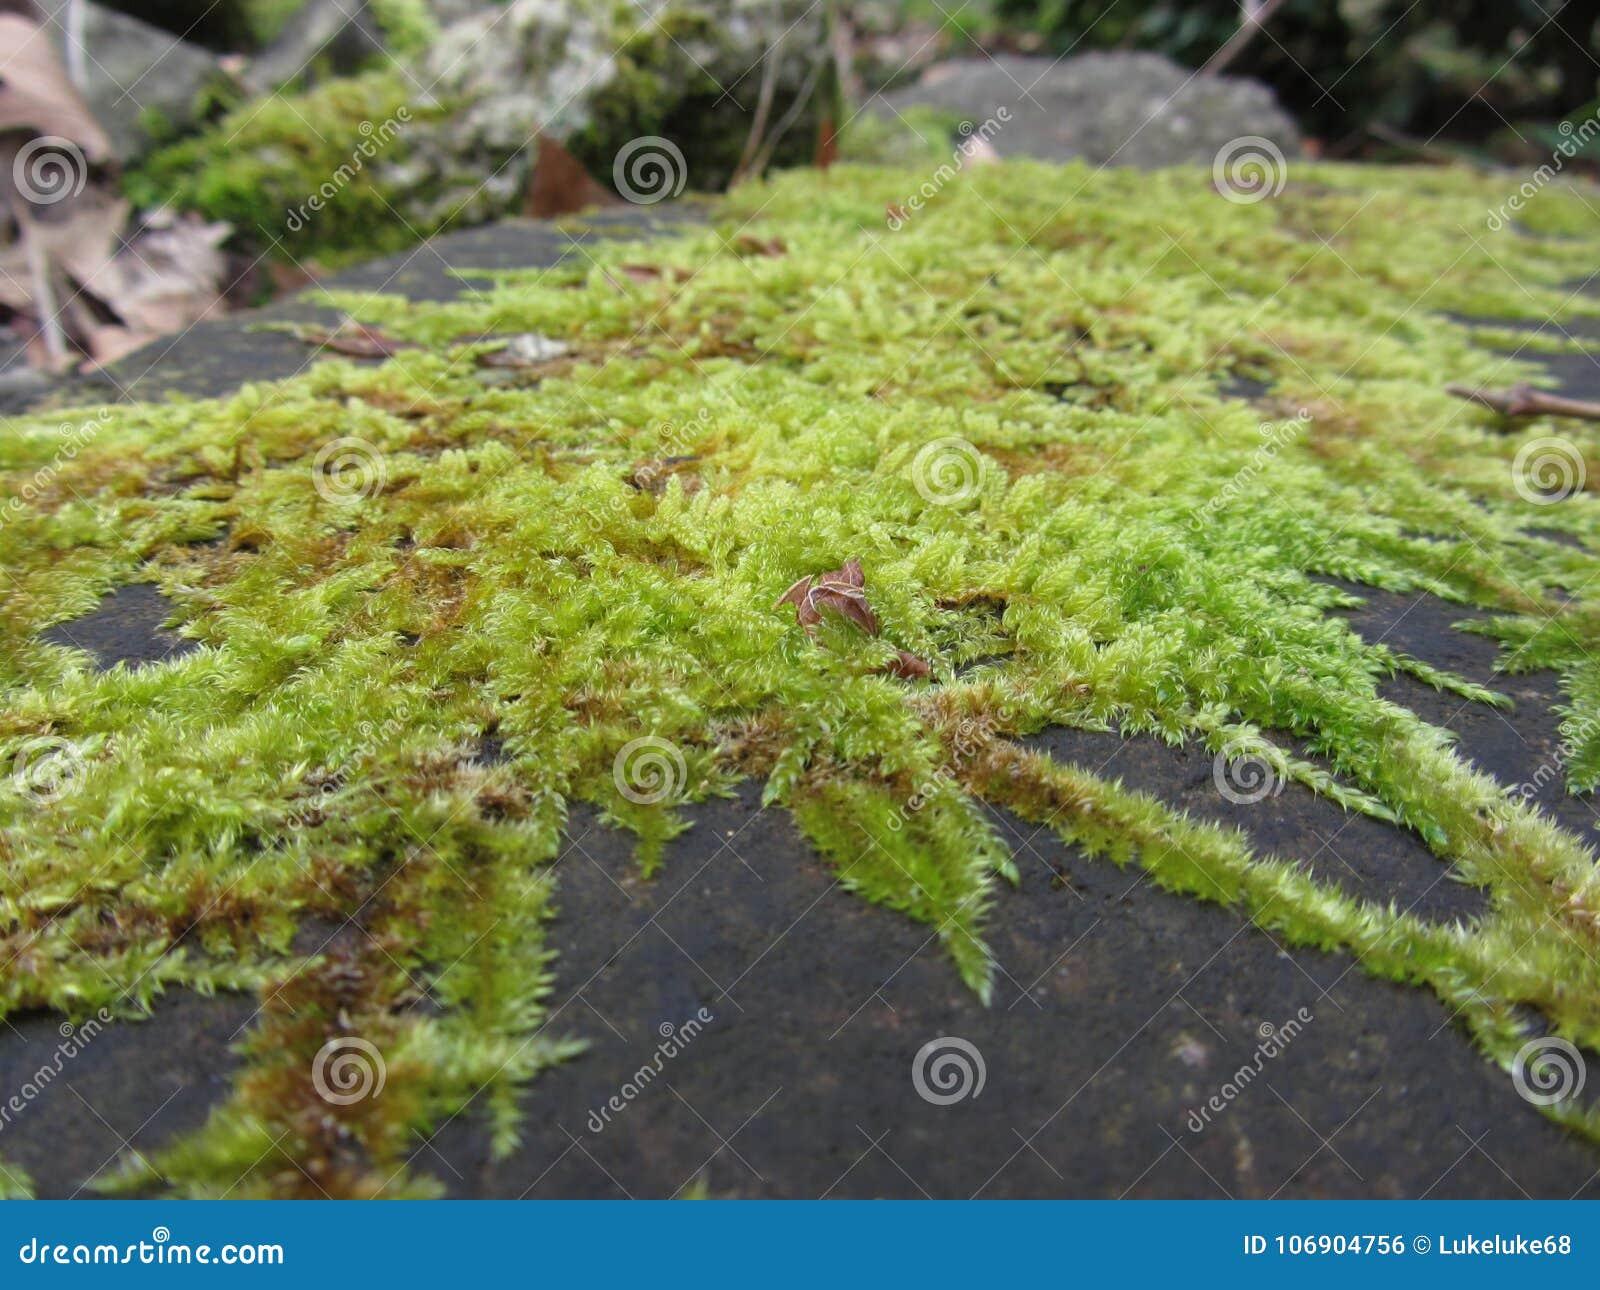 Zielony mech w naturze Szczegół mech zakrywający kamień